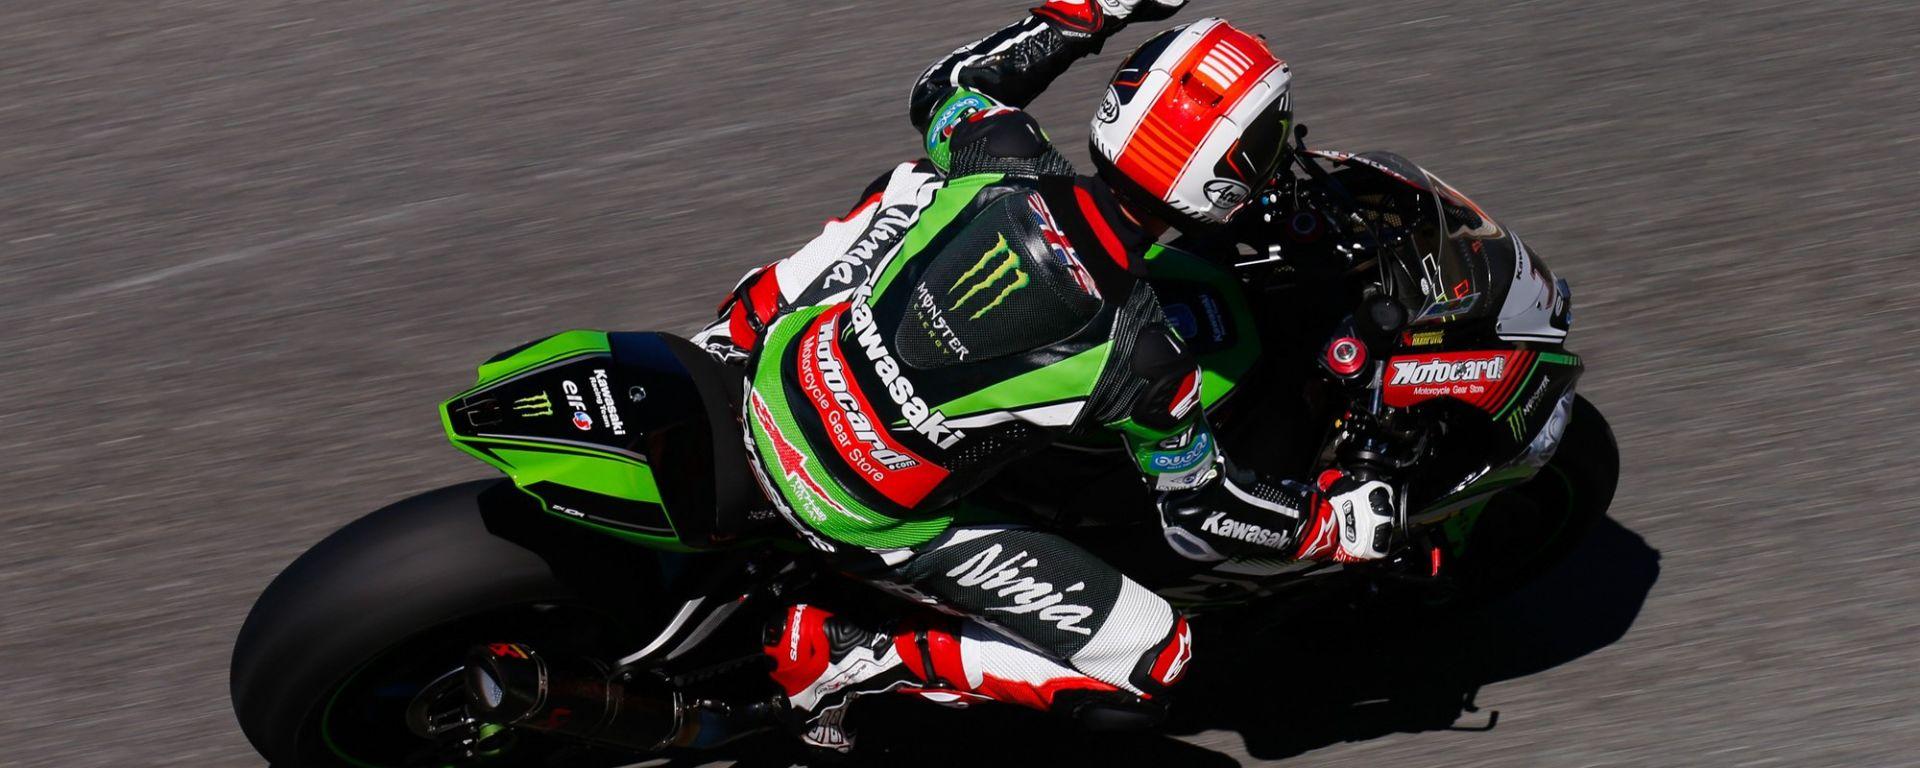 Superbike Germania 2016: gli orari della diretta TV al Lausitzring